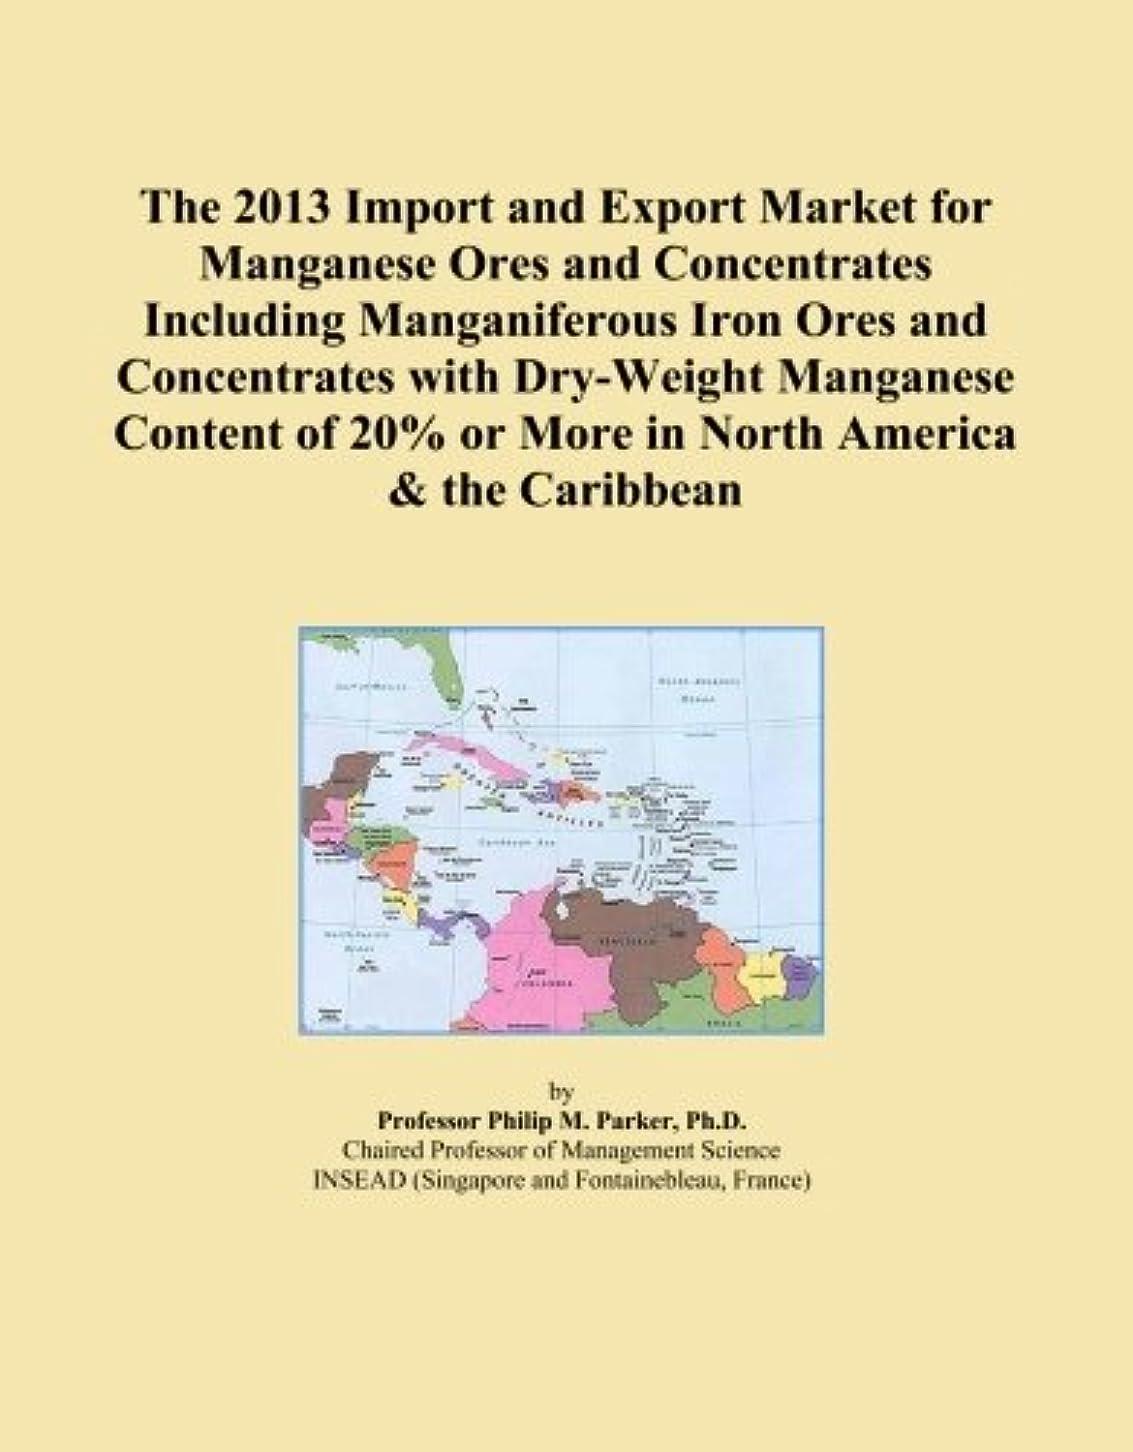 落ち着かない考古学者鑑定The 2013 Import and Export Market for Manganese Ores and Concentrates Including Manganiferous Iron Ores and Concentrates with Dry-Weight Manganese Content of 20% or More in North America & the Caribbean